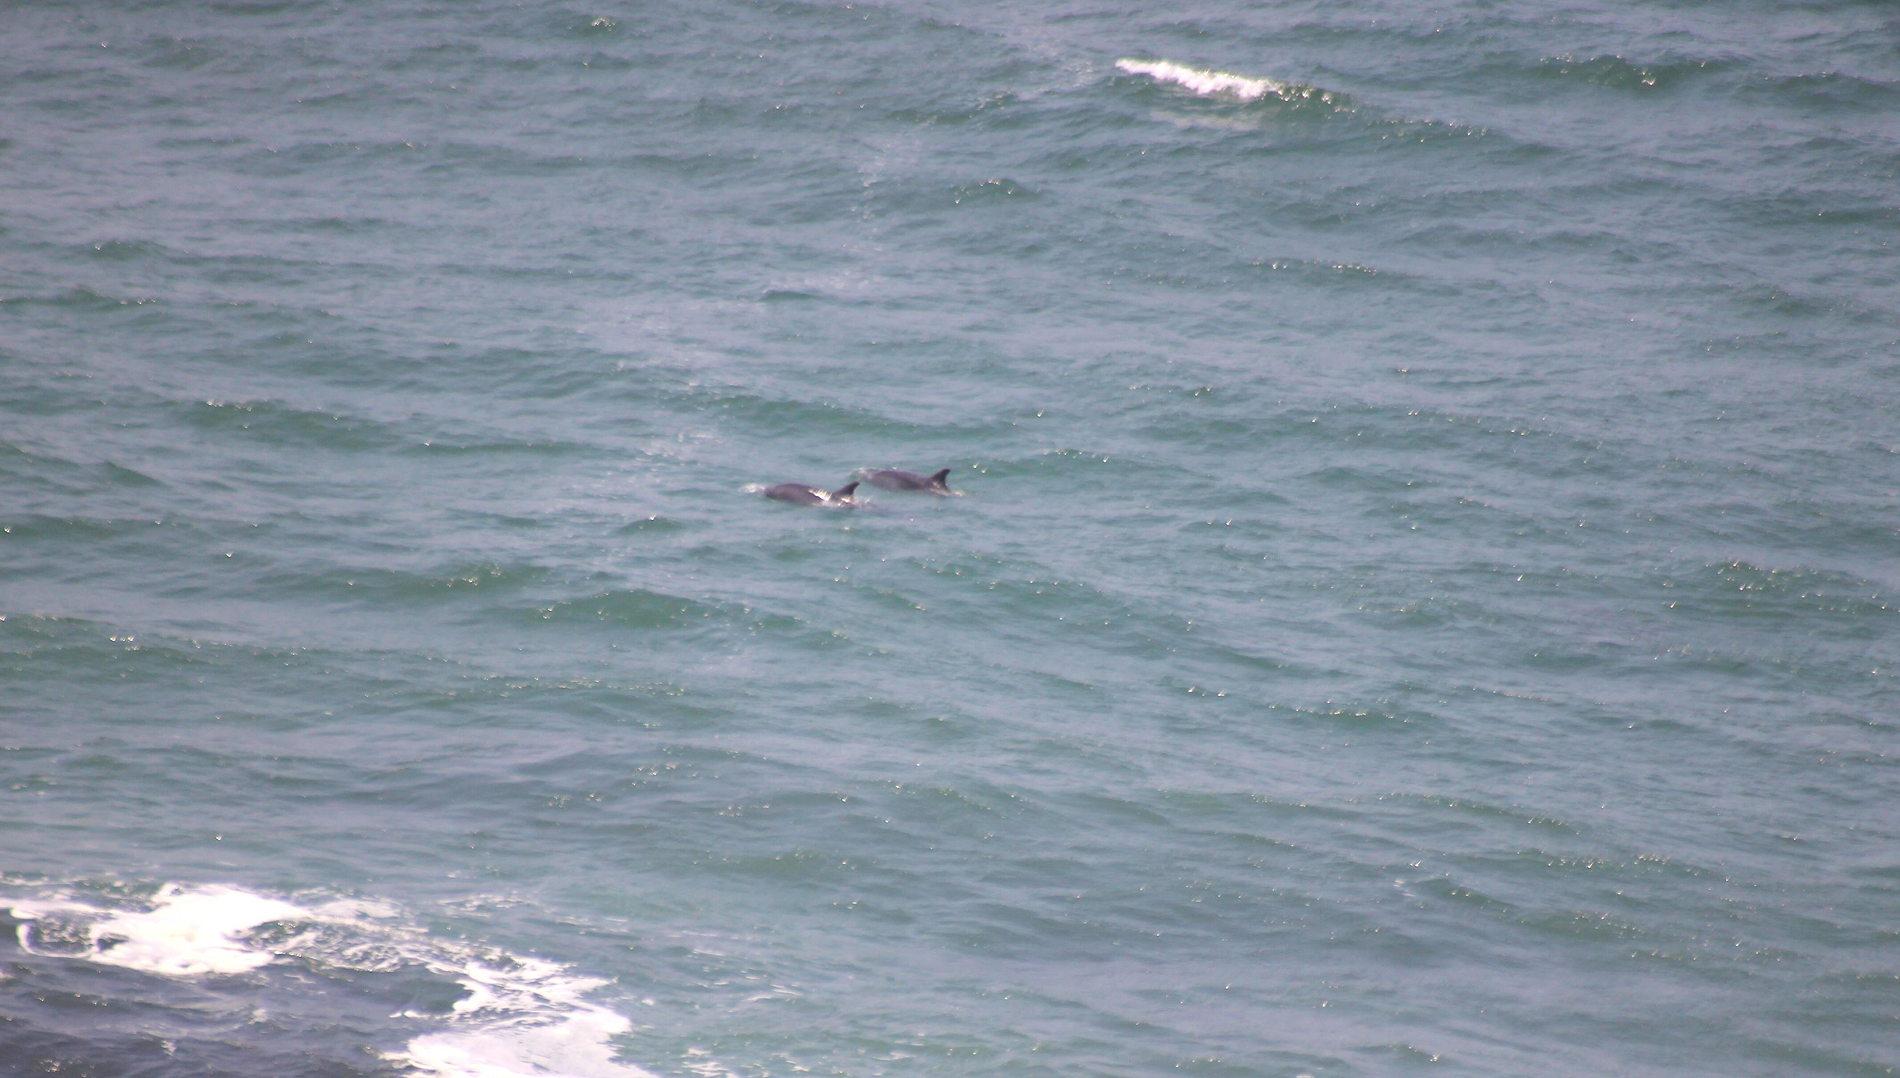 Neustart des Delfinschutzprojekts in Peru: Supay-Delfine, ungestört von Booten und Touristen.